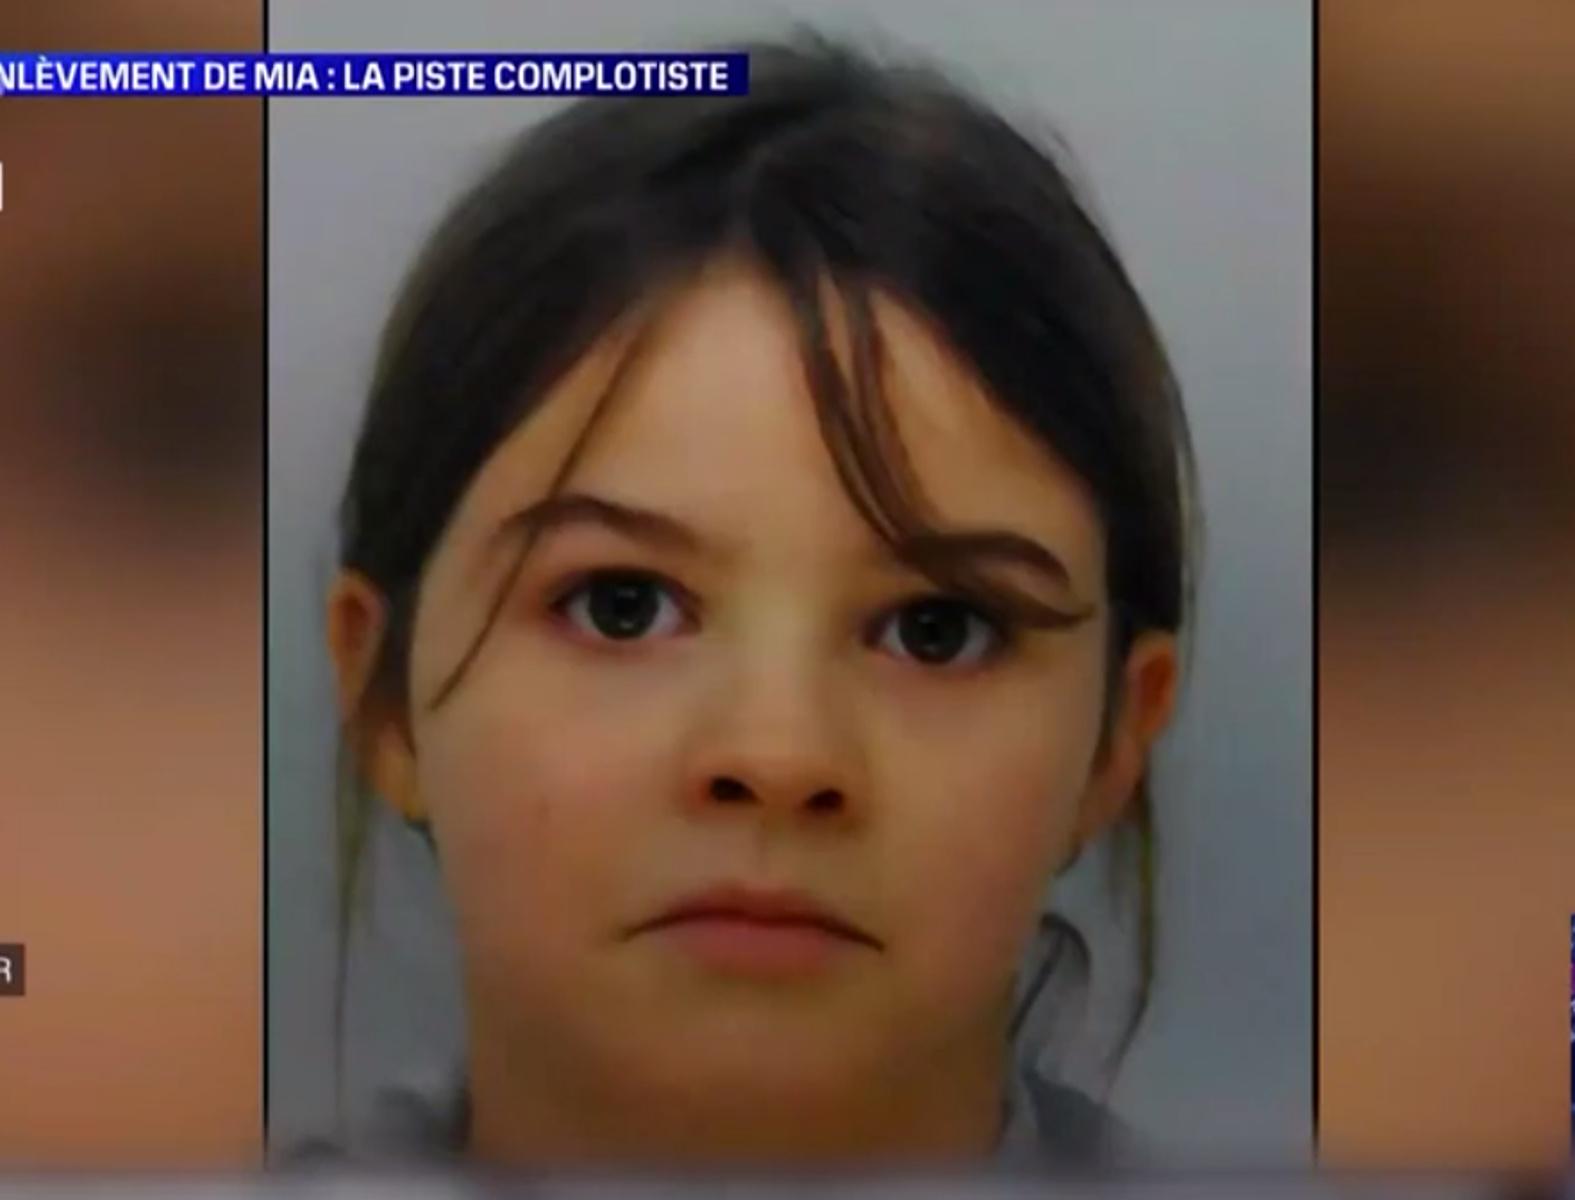 Γαλλία: Απήγαγε την κόρη της για λογαριασμό οργάνωσης που περιμένει το τέλος του κόσμου